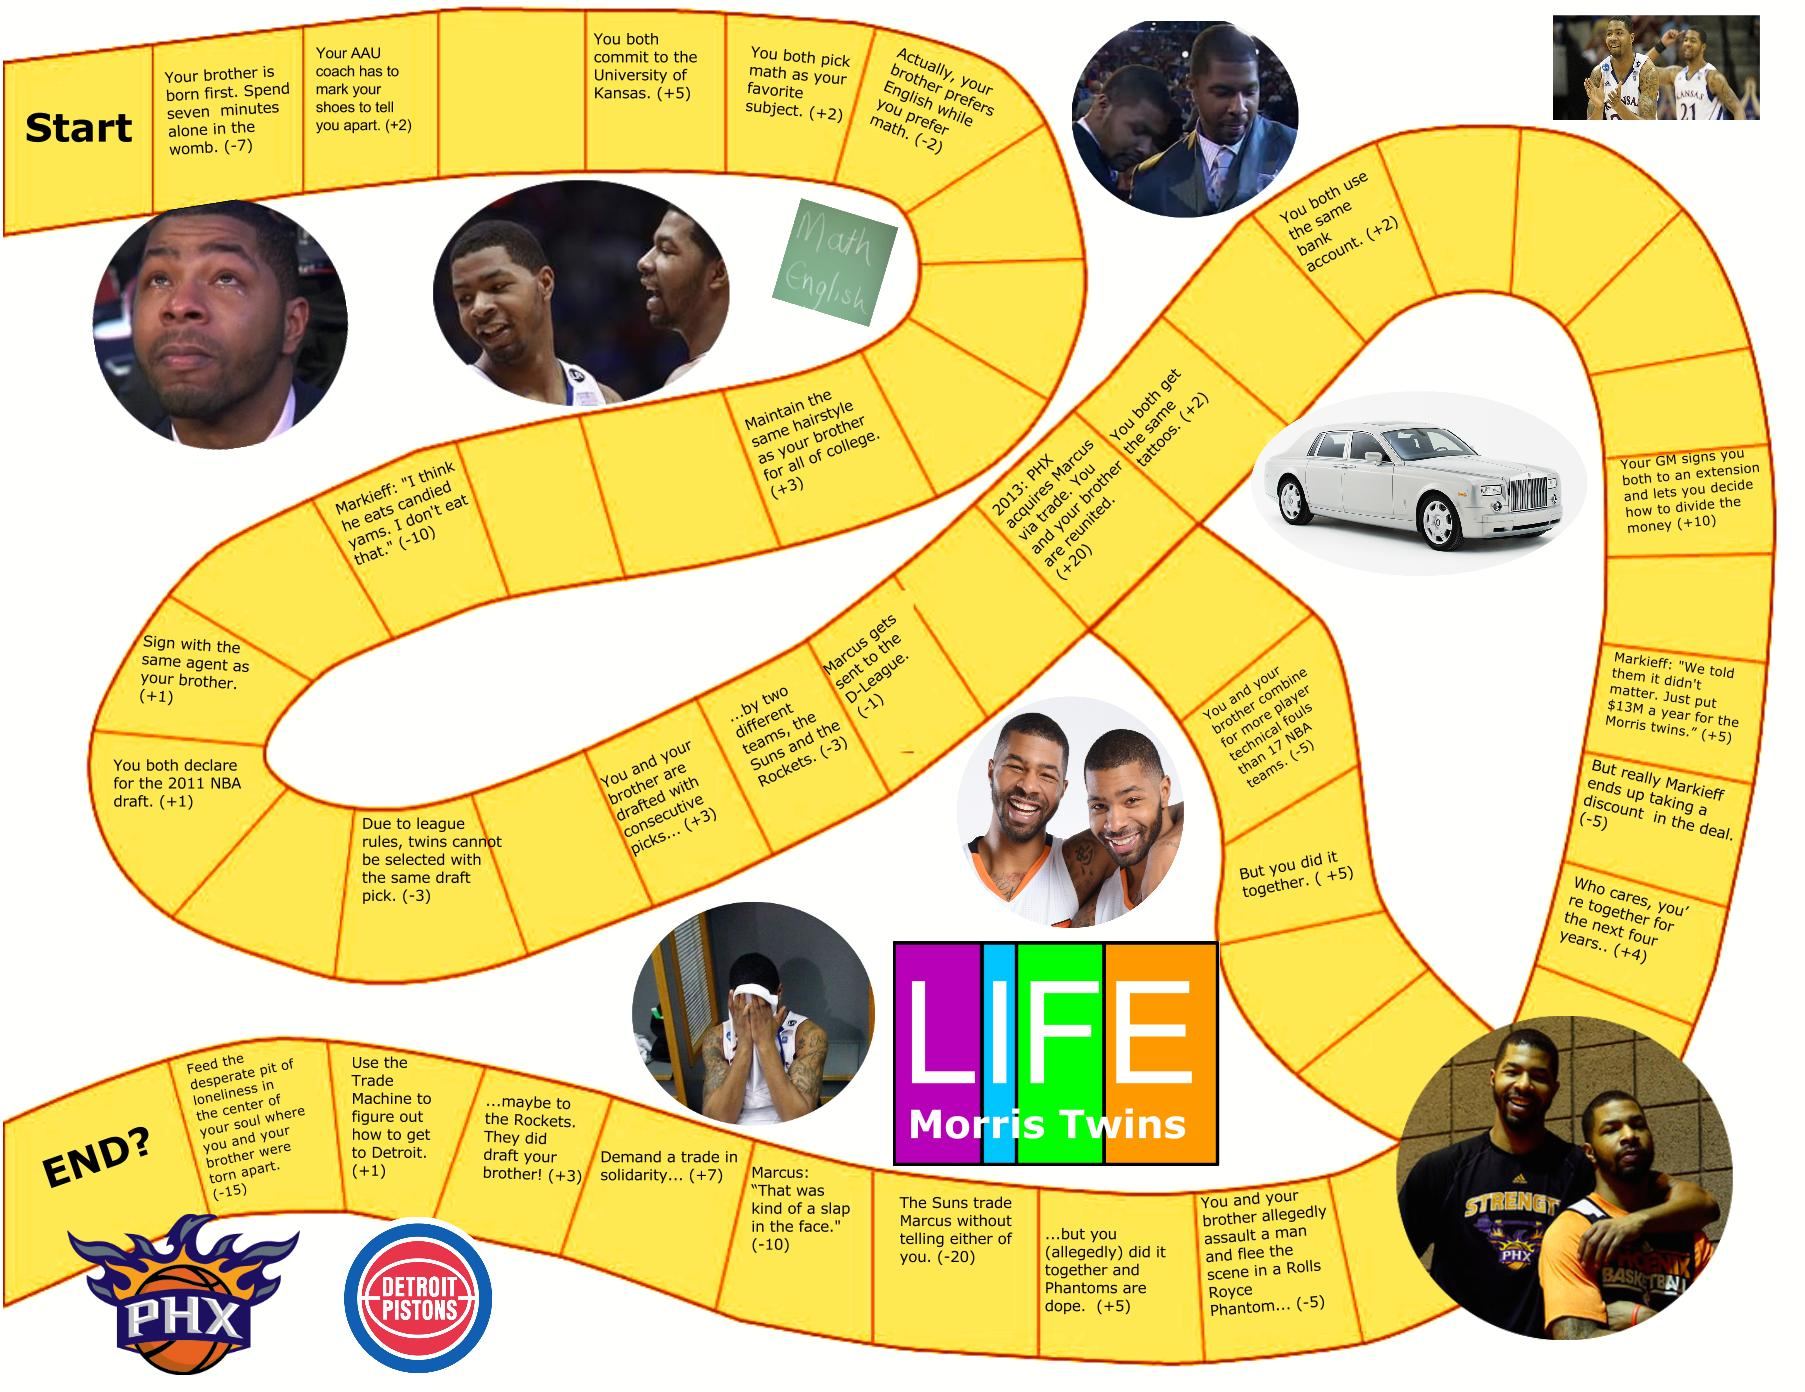 Morris Life (2)